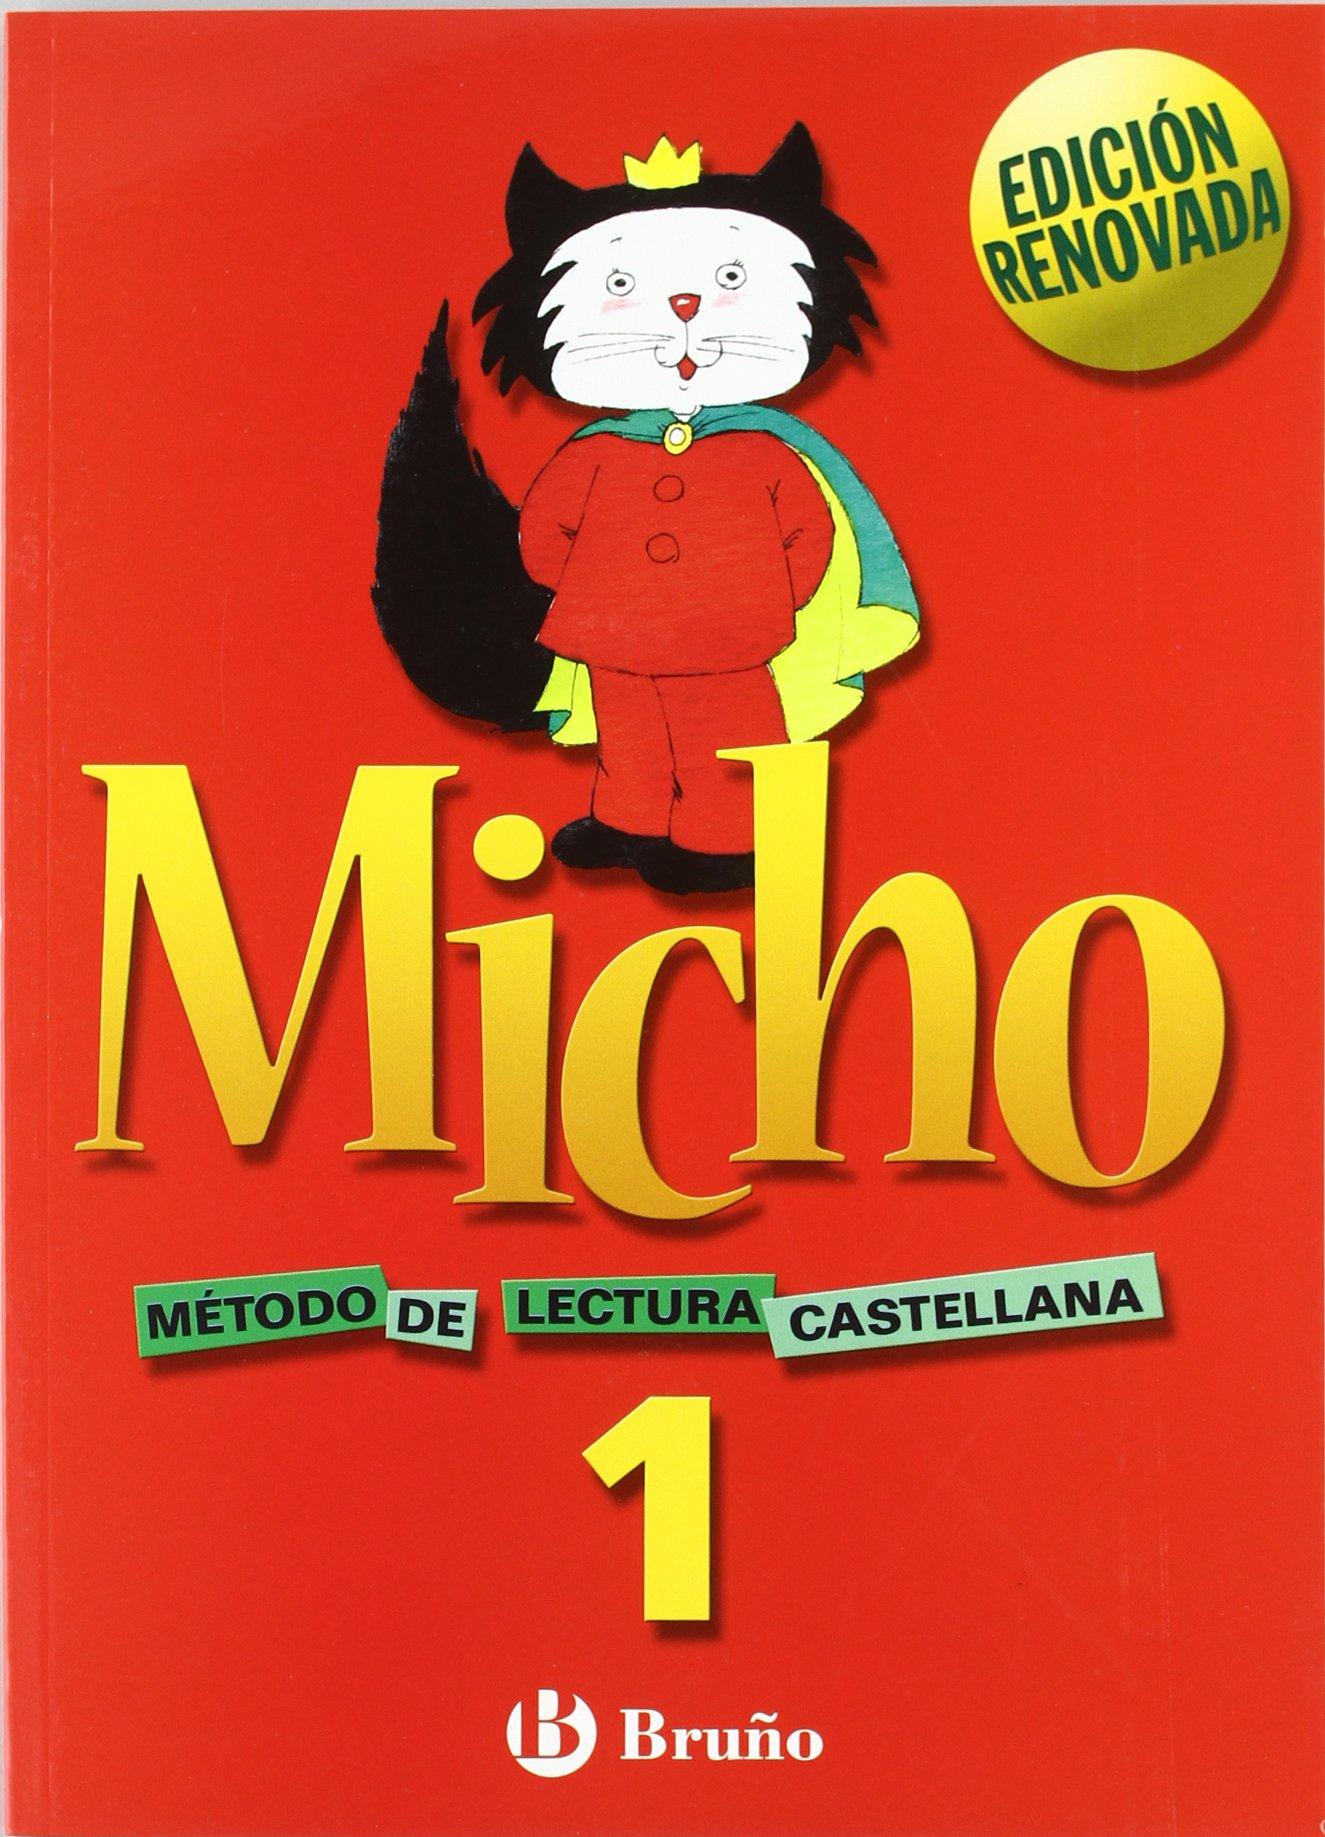 Micho 1 Método de lectura castellana - 9788421650684 Tapa blanda – 24 jun 2005 Pilar Martínez Belinchón Felisa García García Bruño 8421650688